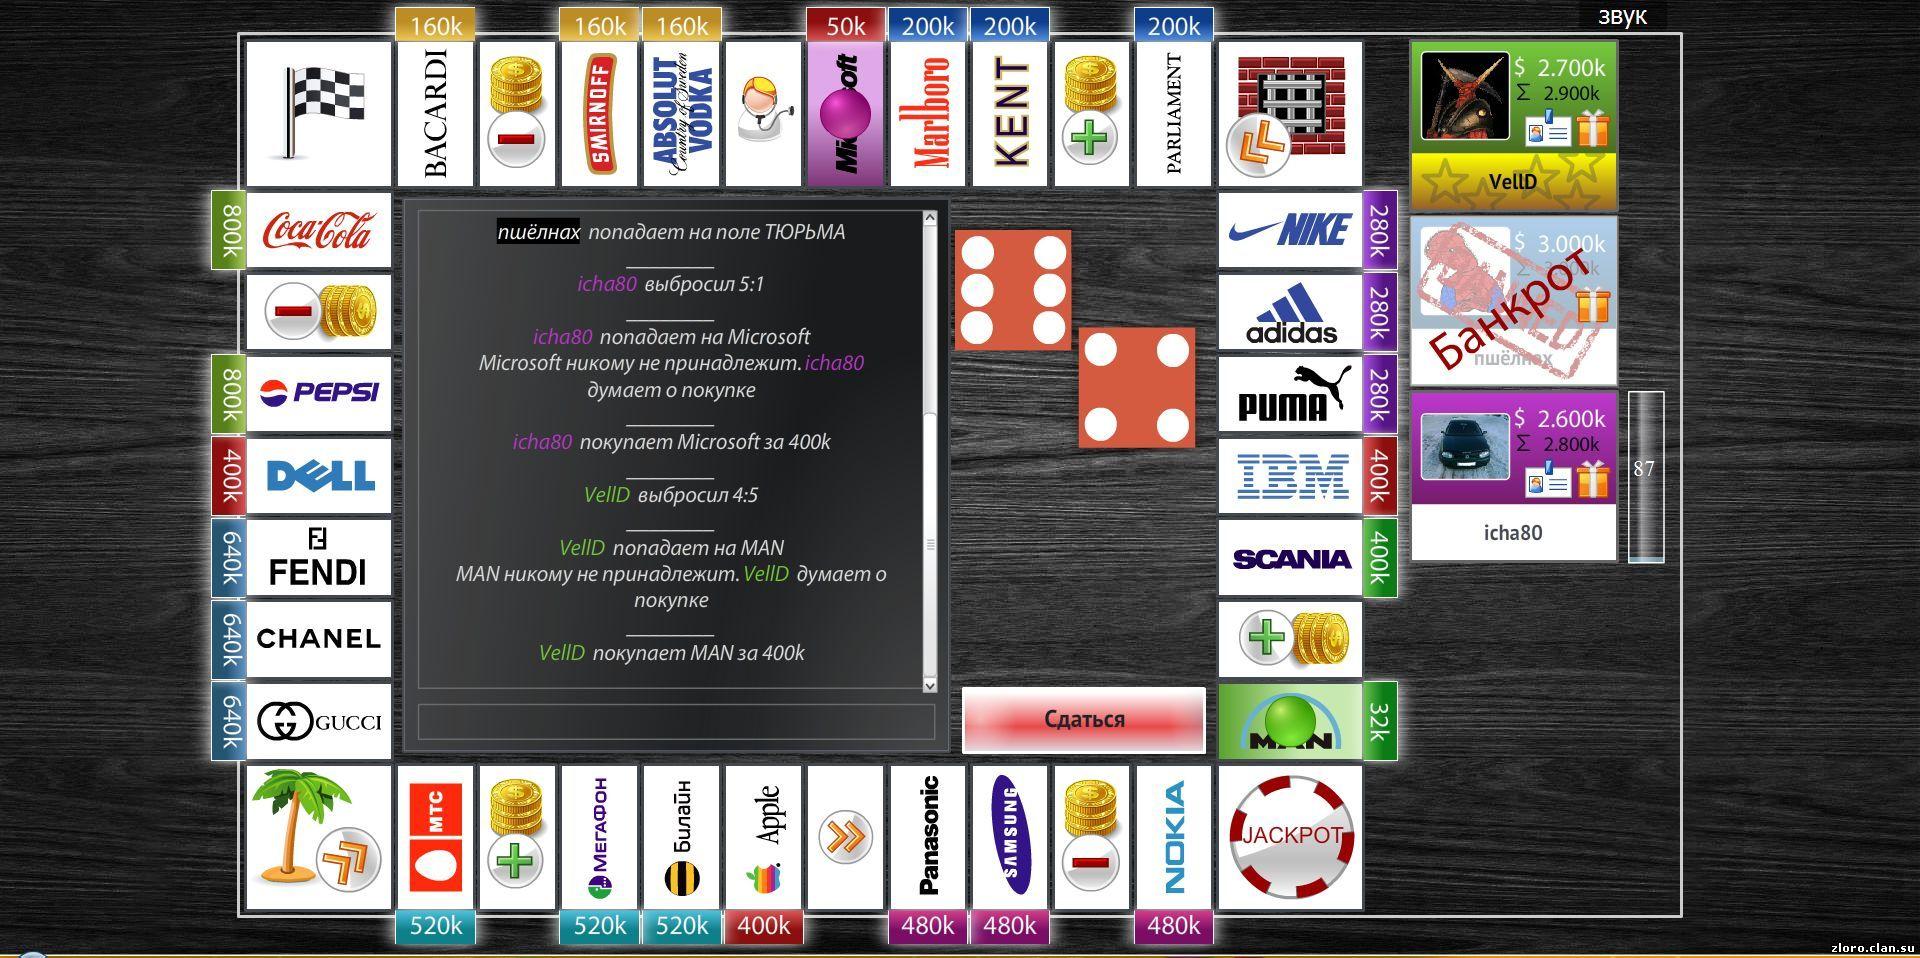 Giocare a monopoli online con altre persone